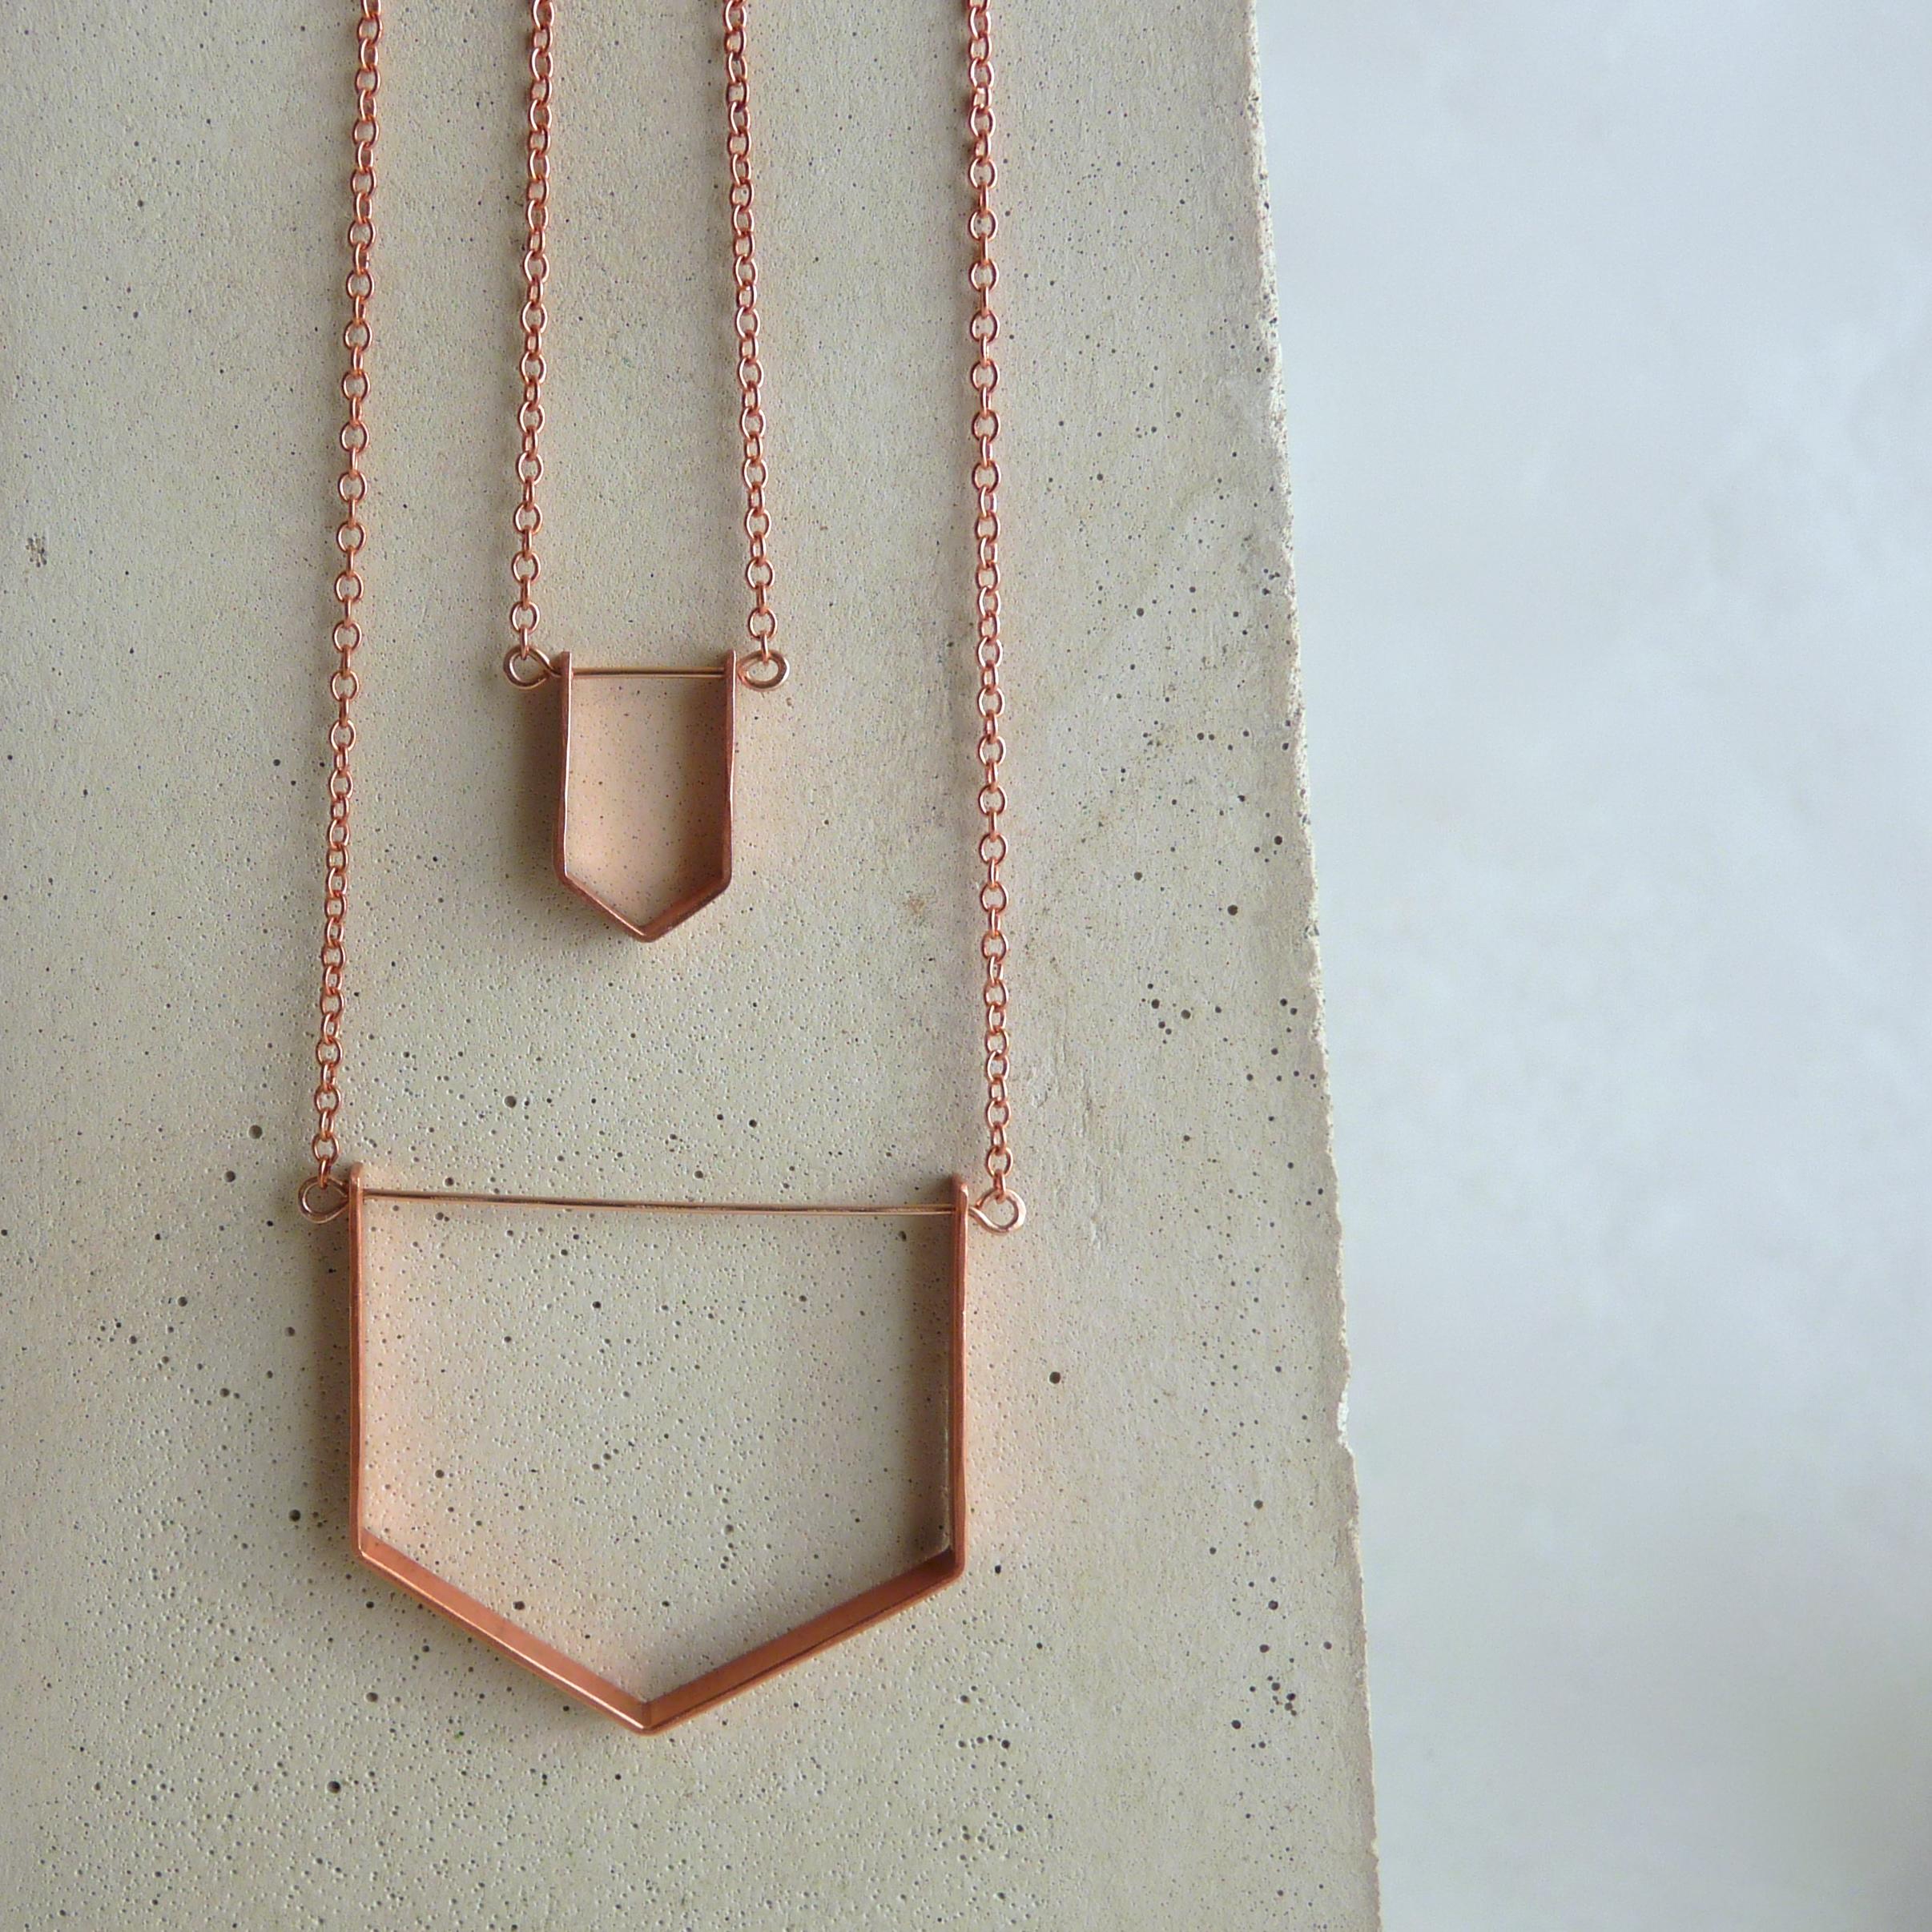 Little PARAGON & Long VENTANA necklaces